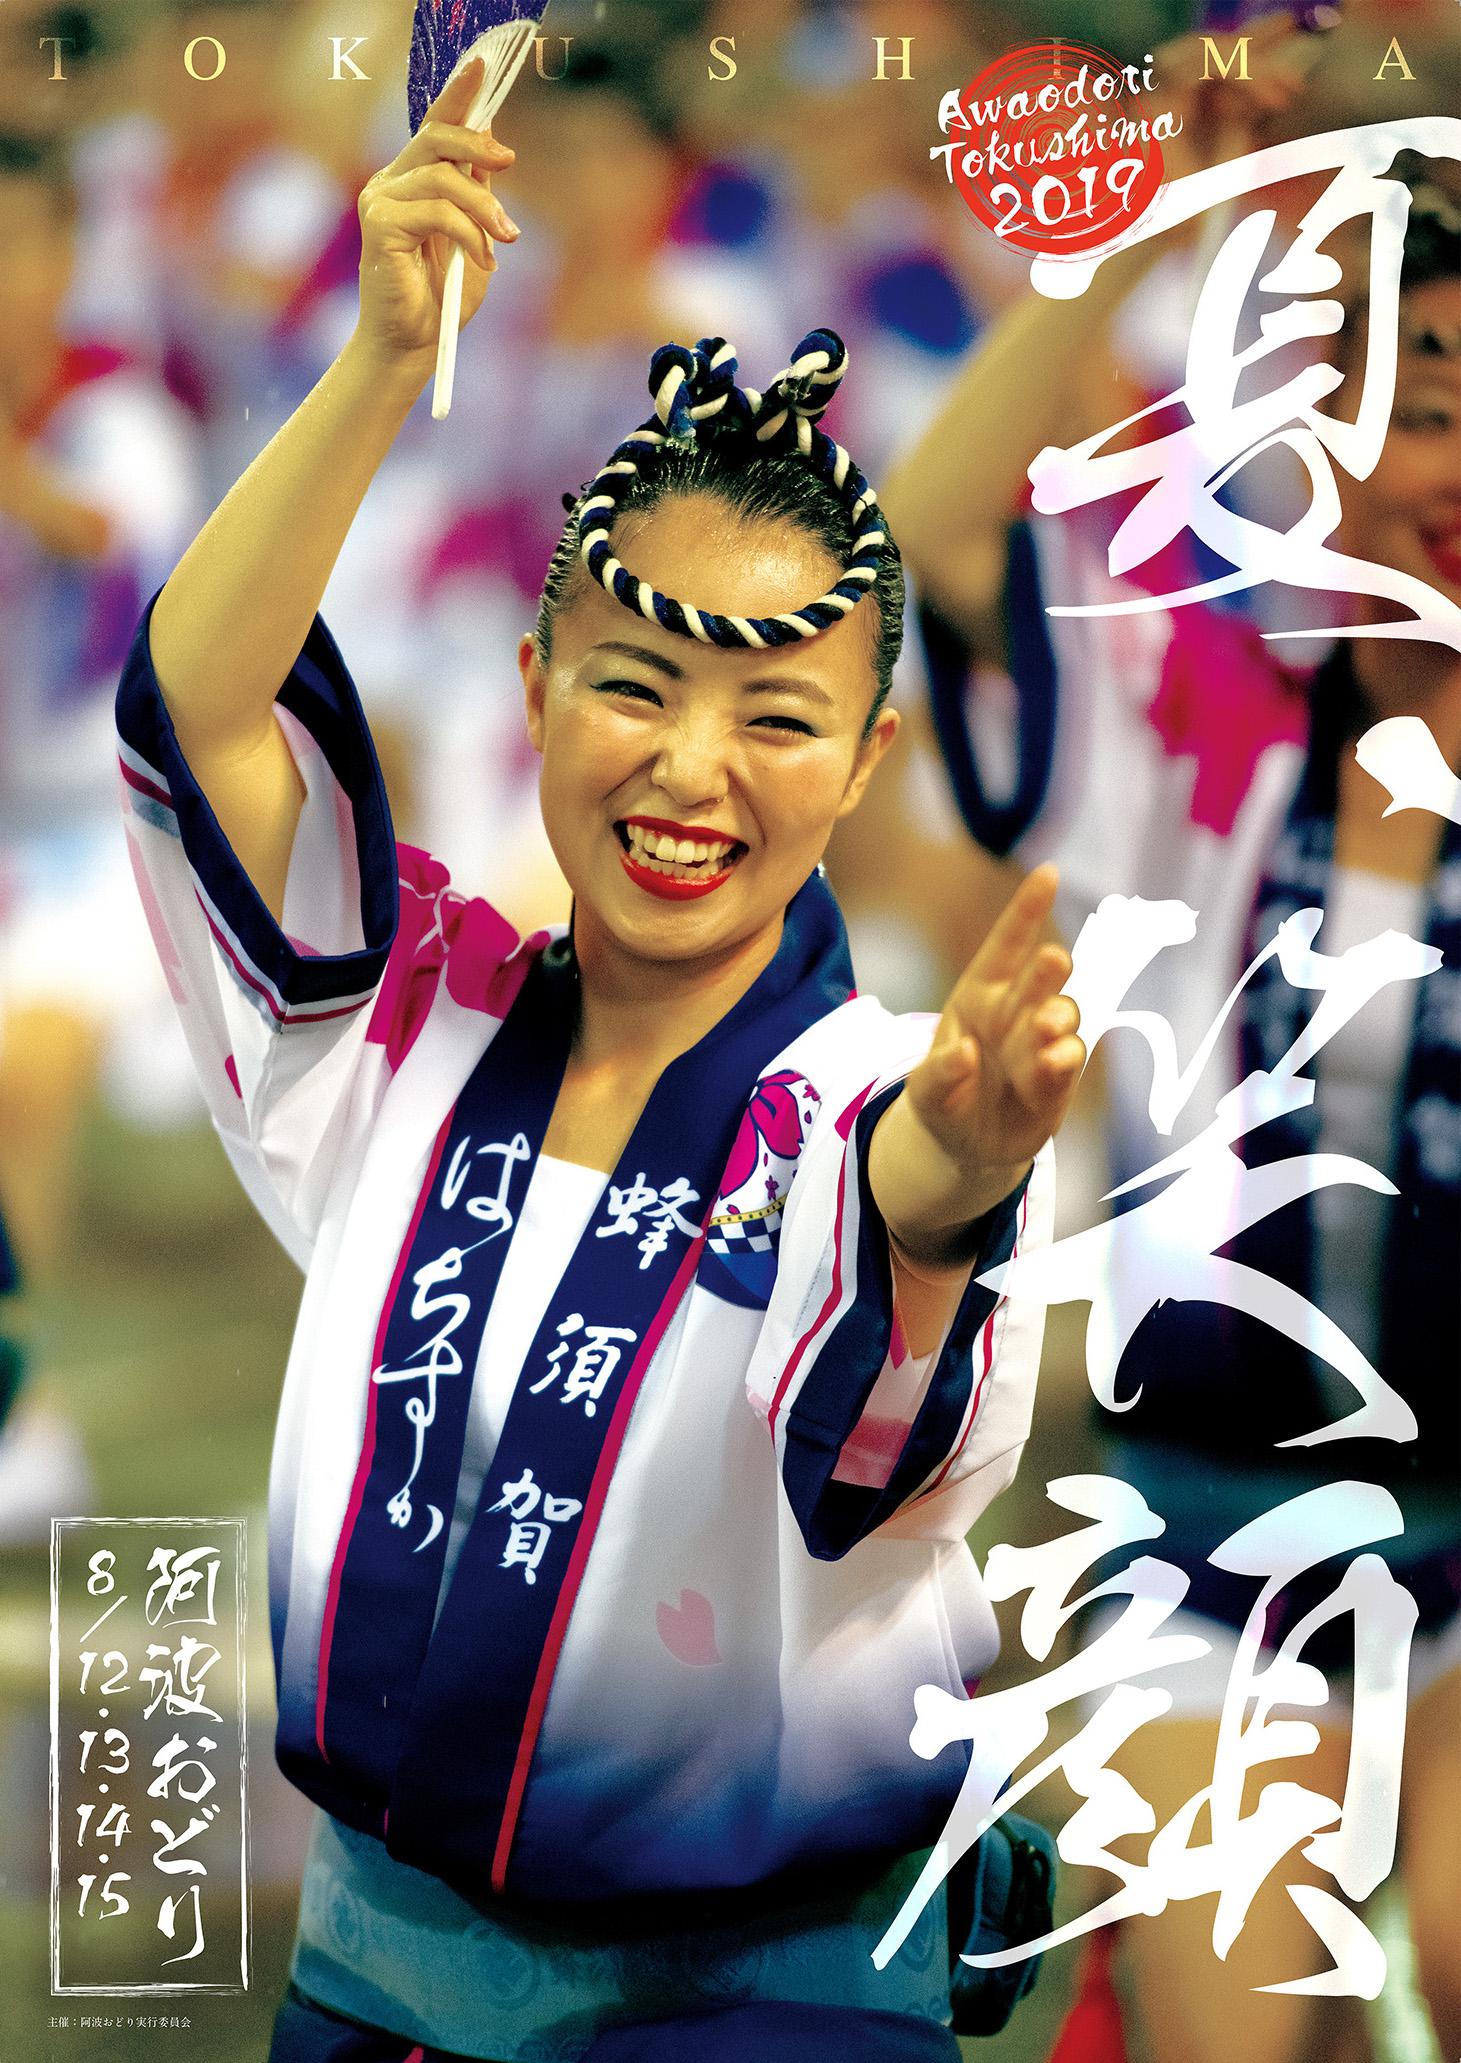 awaodori_poster.jpeg